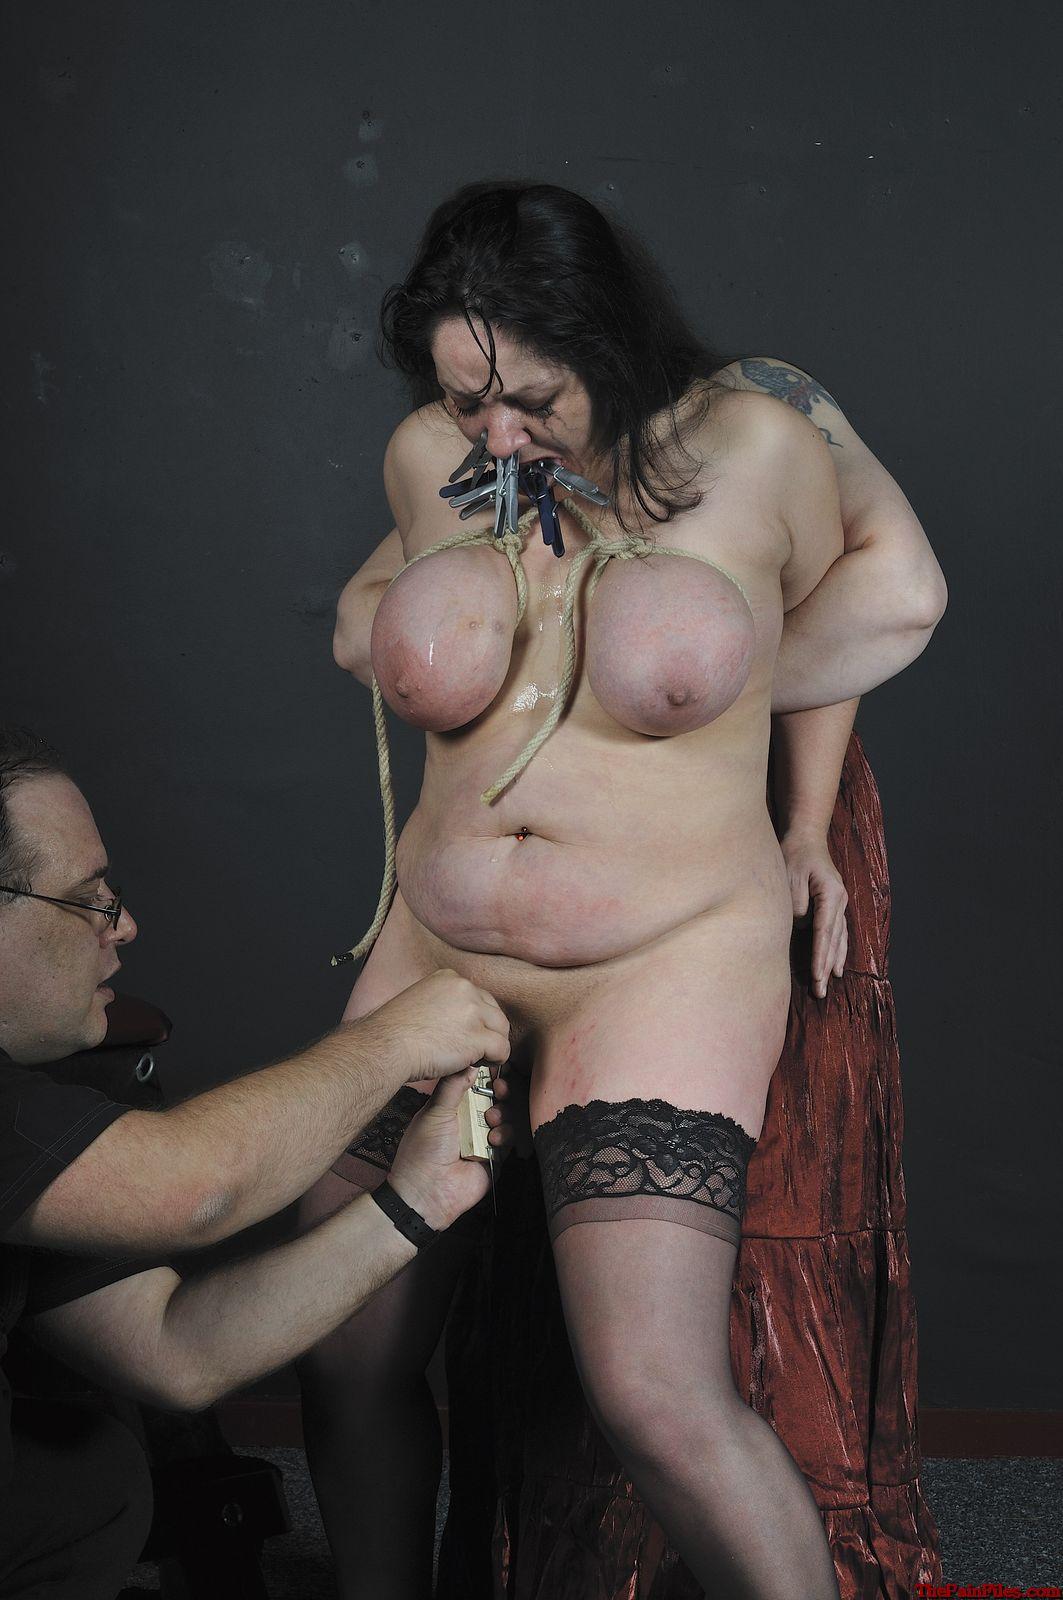 Самый жестокий секс с бдсм 23 фотография